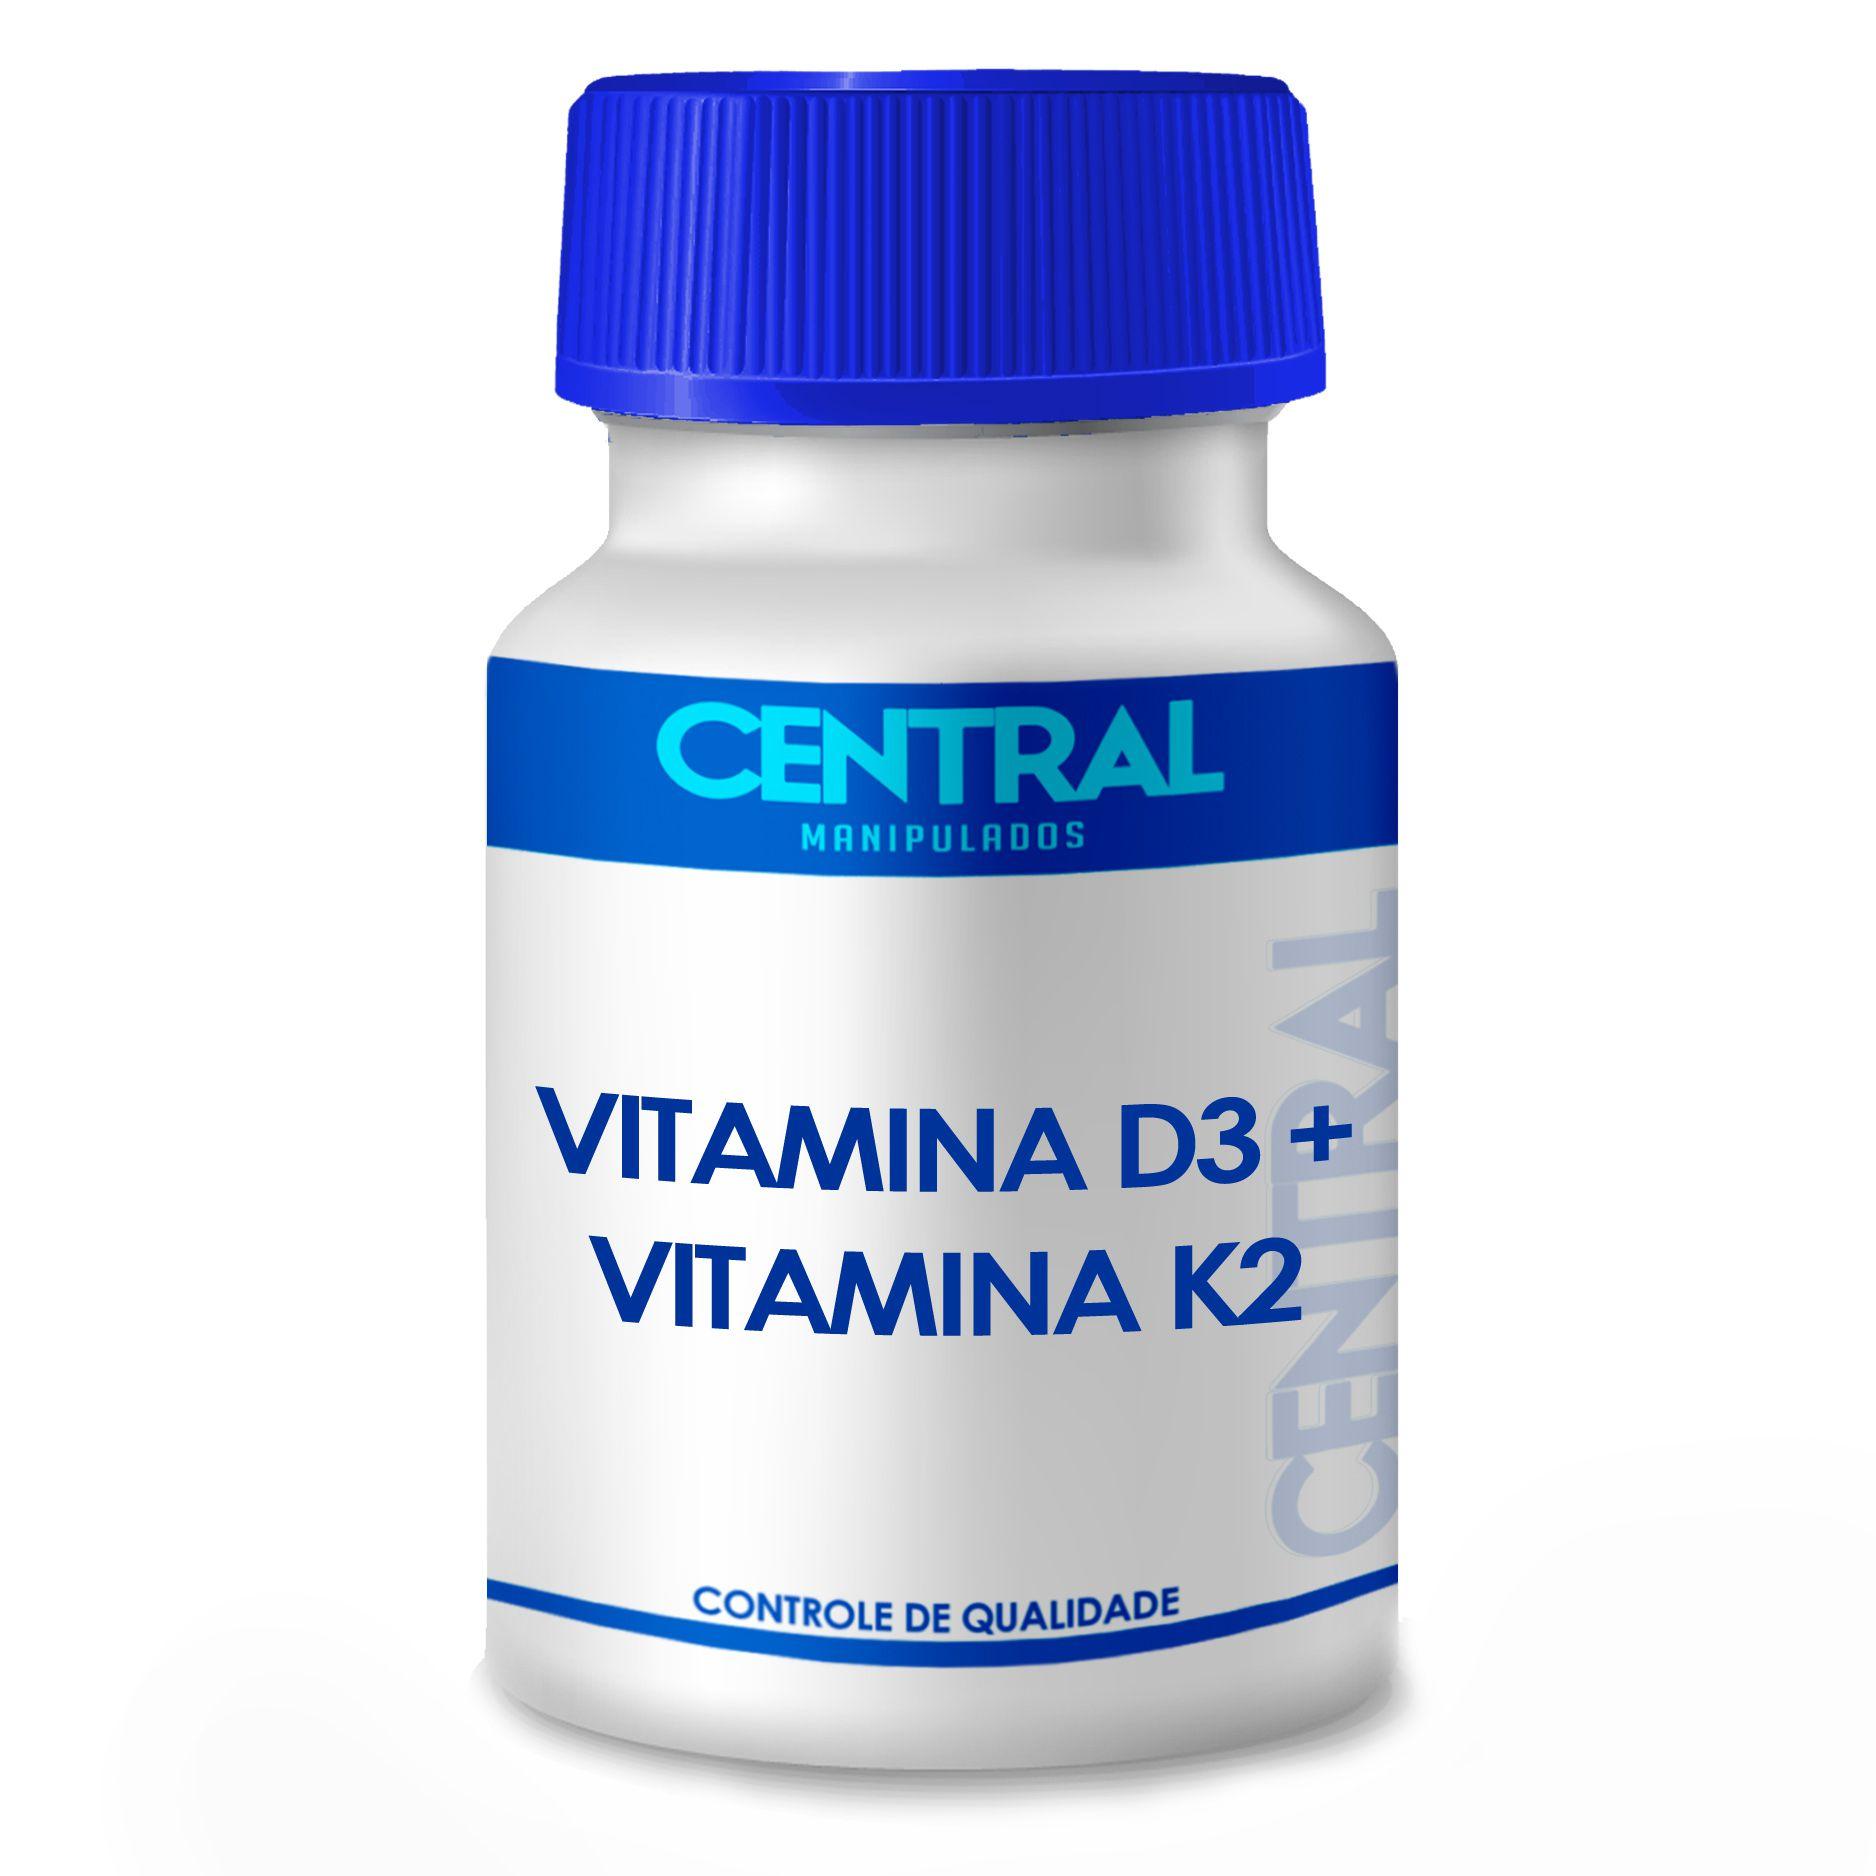 Vitamina K2 MK7 100 mcg + Vitamina D3 10.000 ui 120 cápsulas - Saúde Óssea, Tratamento da Osteoporose,  Benefícios Vasculares, Carência Vit D, Imunidade, Saúde Hormonal